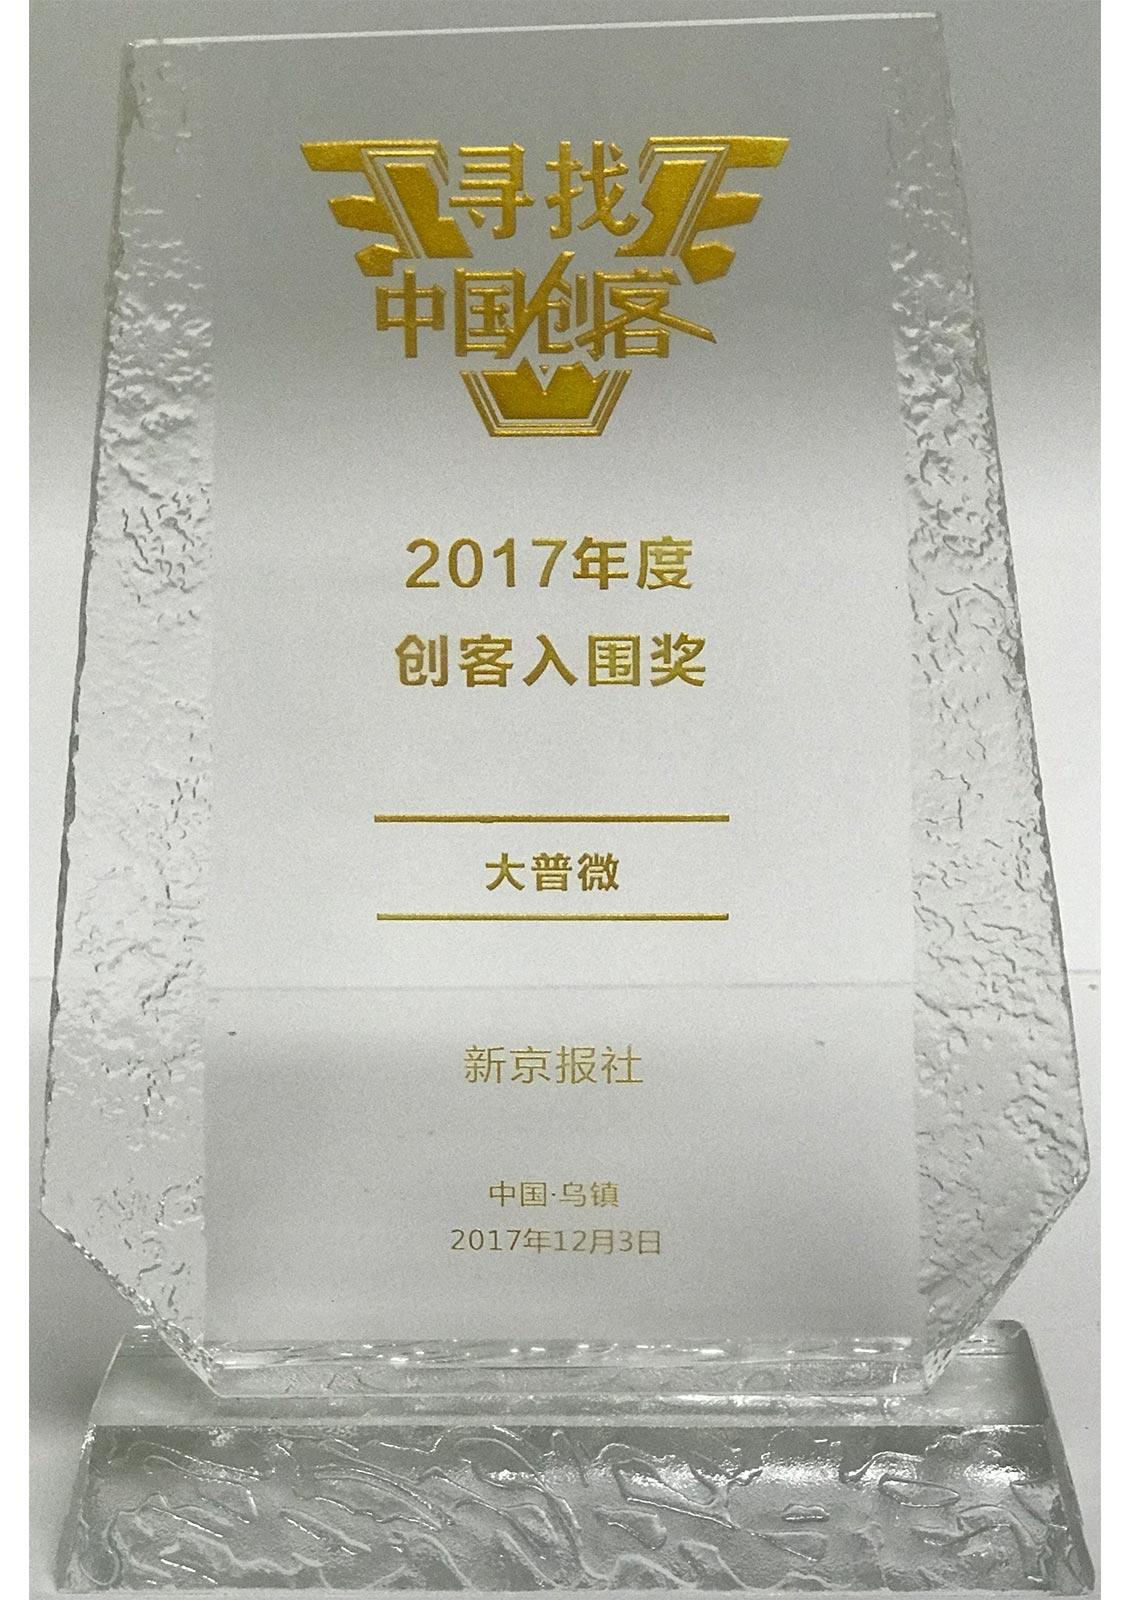 2017年度创客入围奖